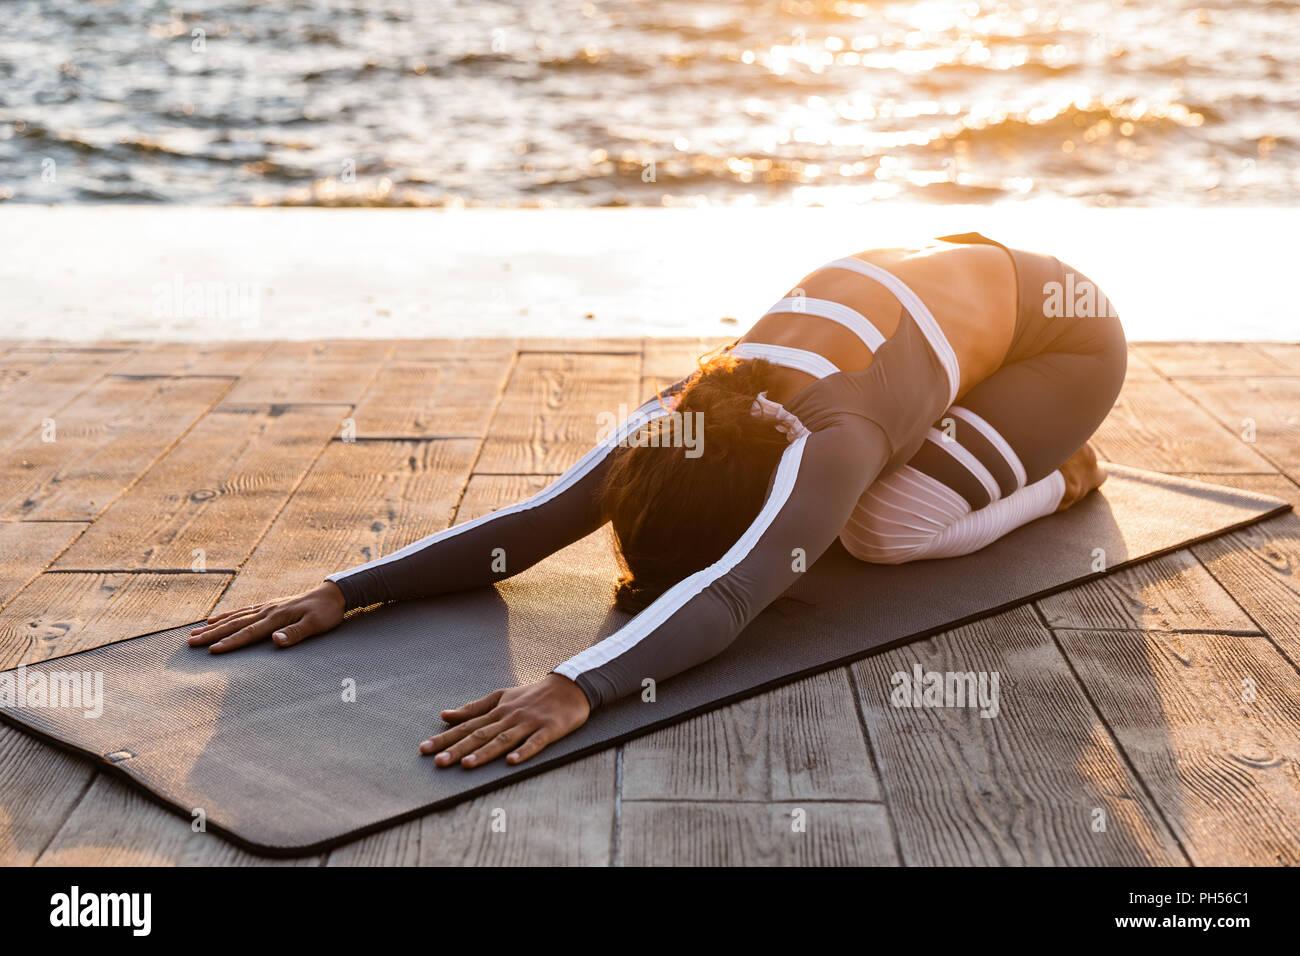 Immagine di incredibile forte giovane donna fitness all'aperto in spiaggia fare yoga esercizi di stretching. Immagini Stock